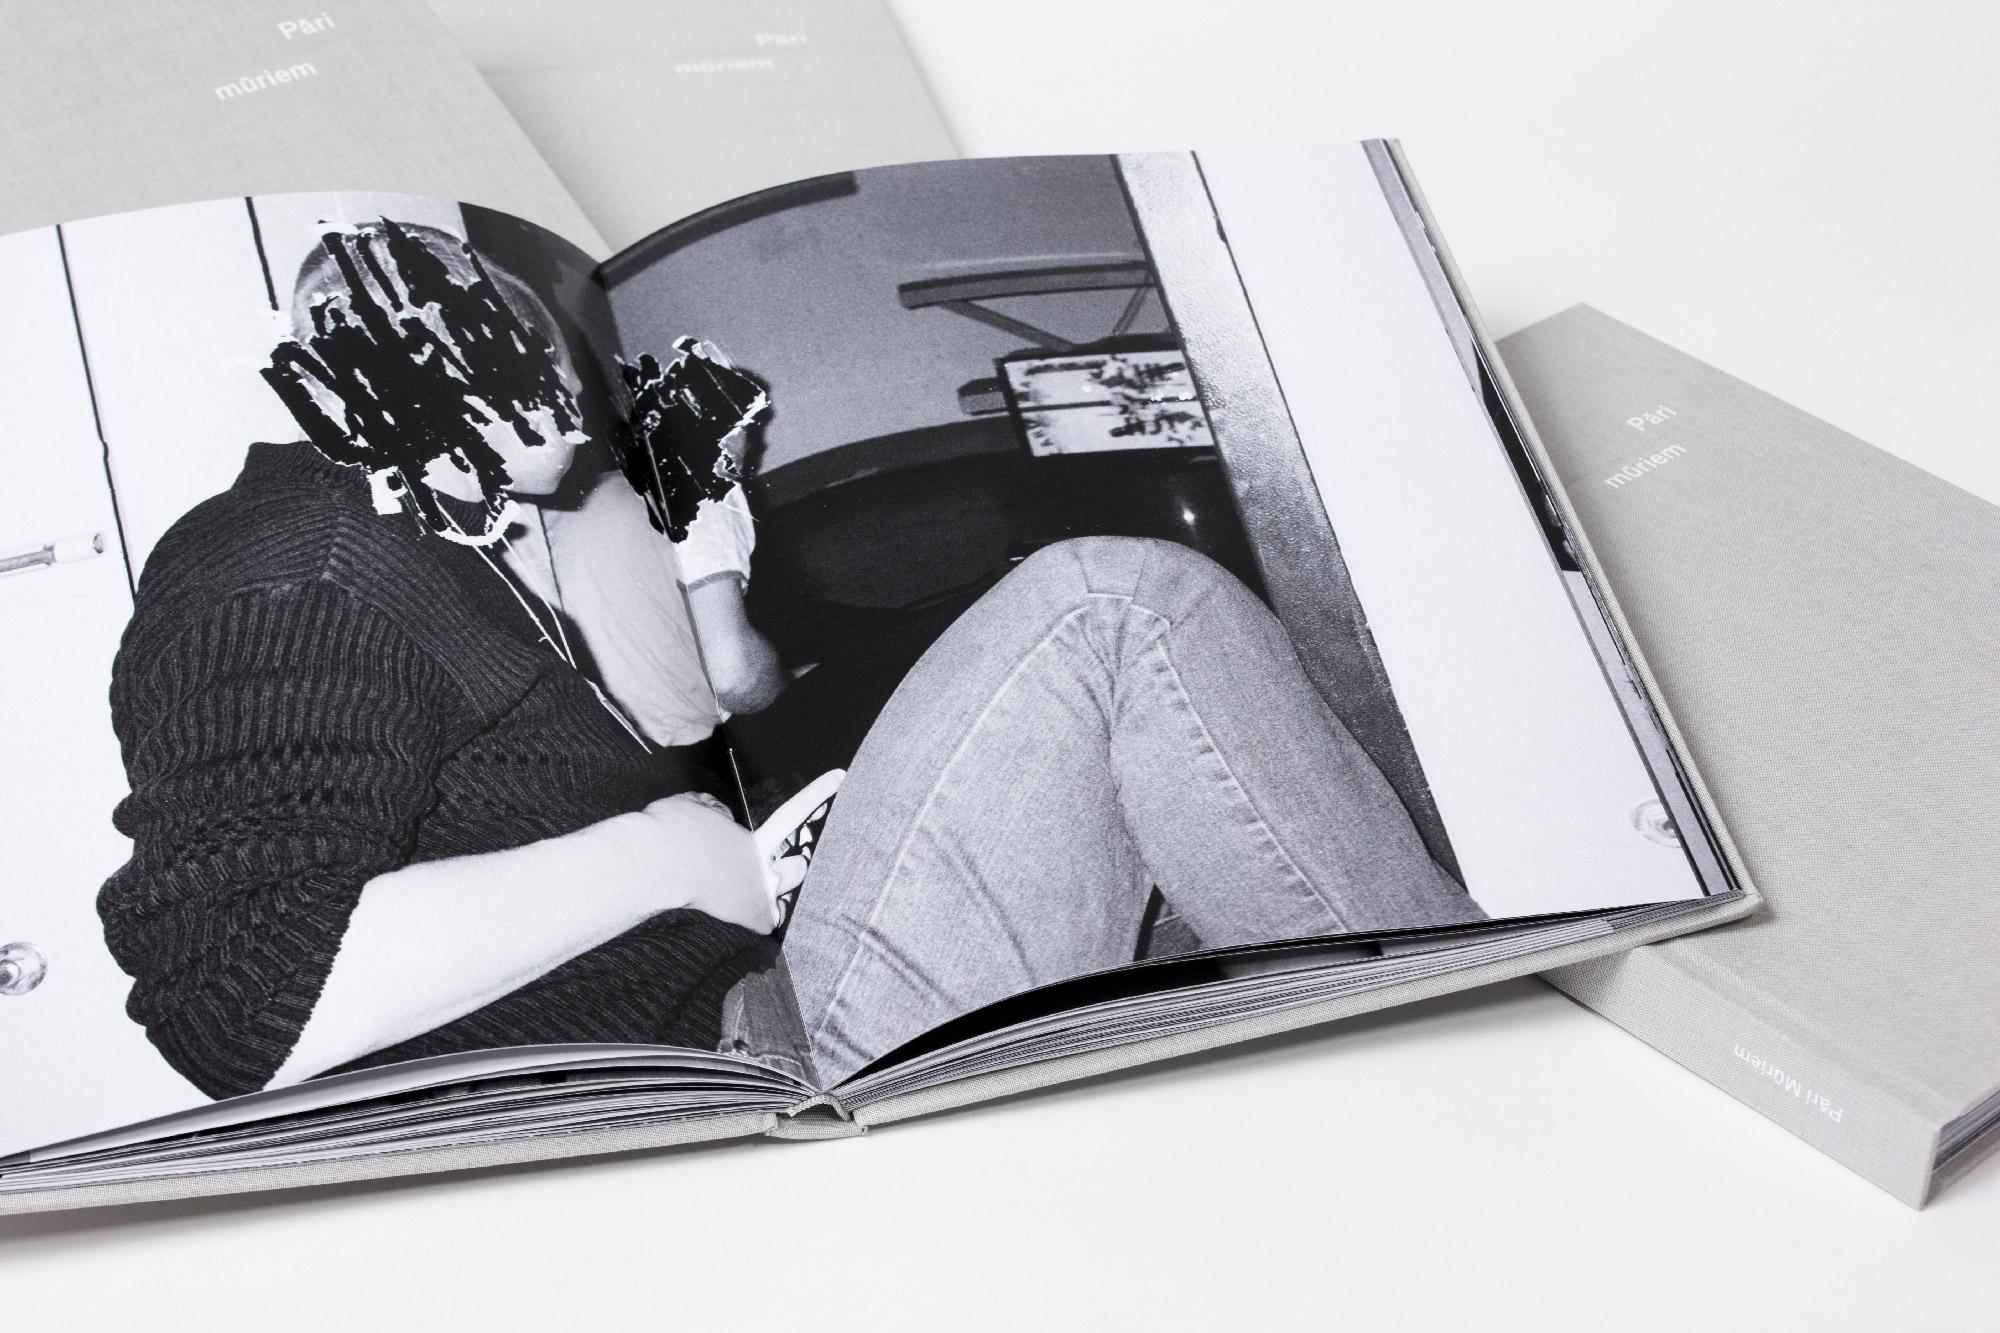 livre photo jeremie jung